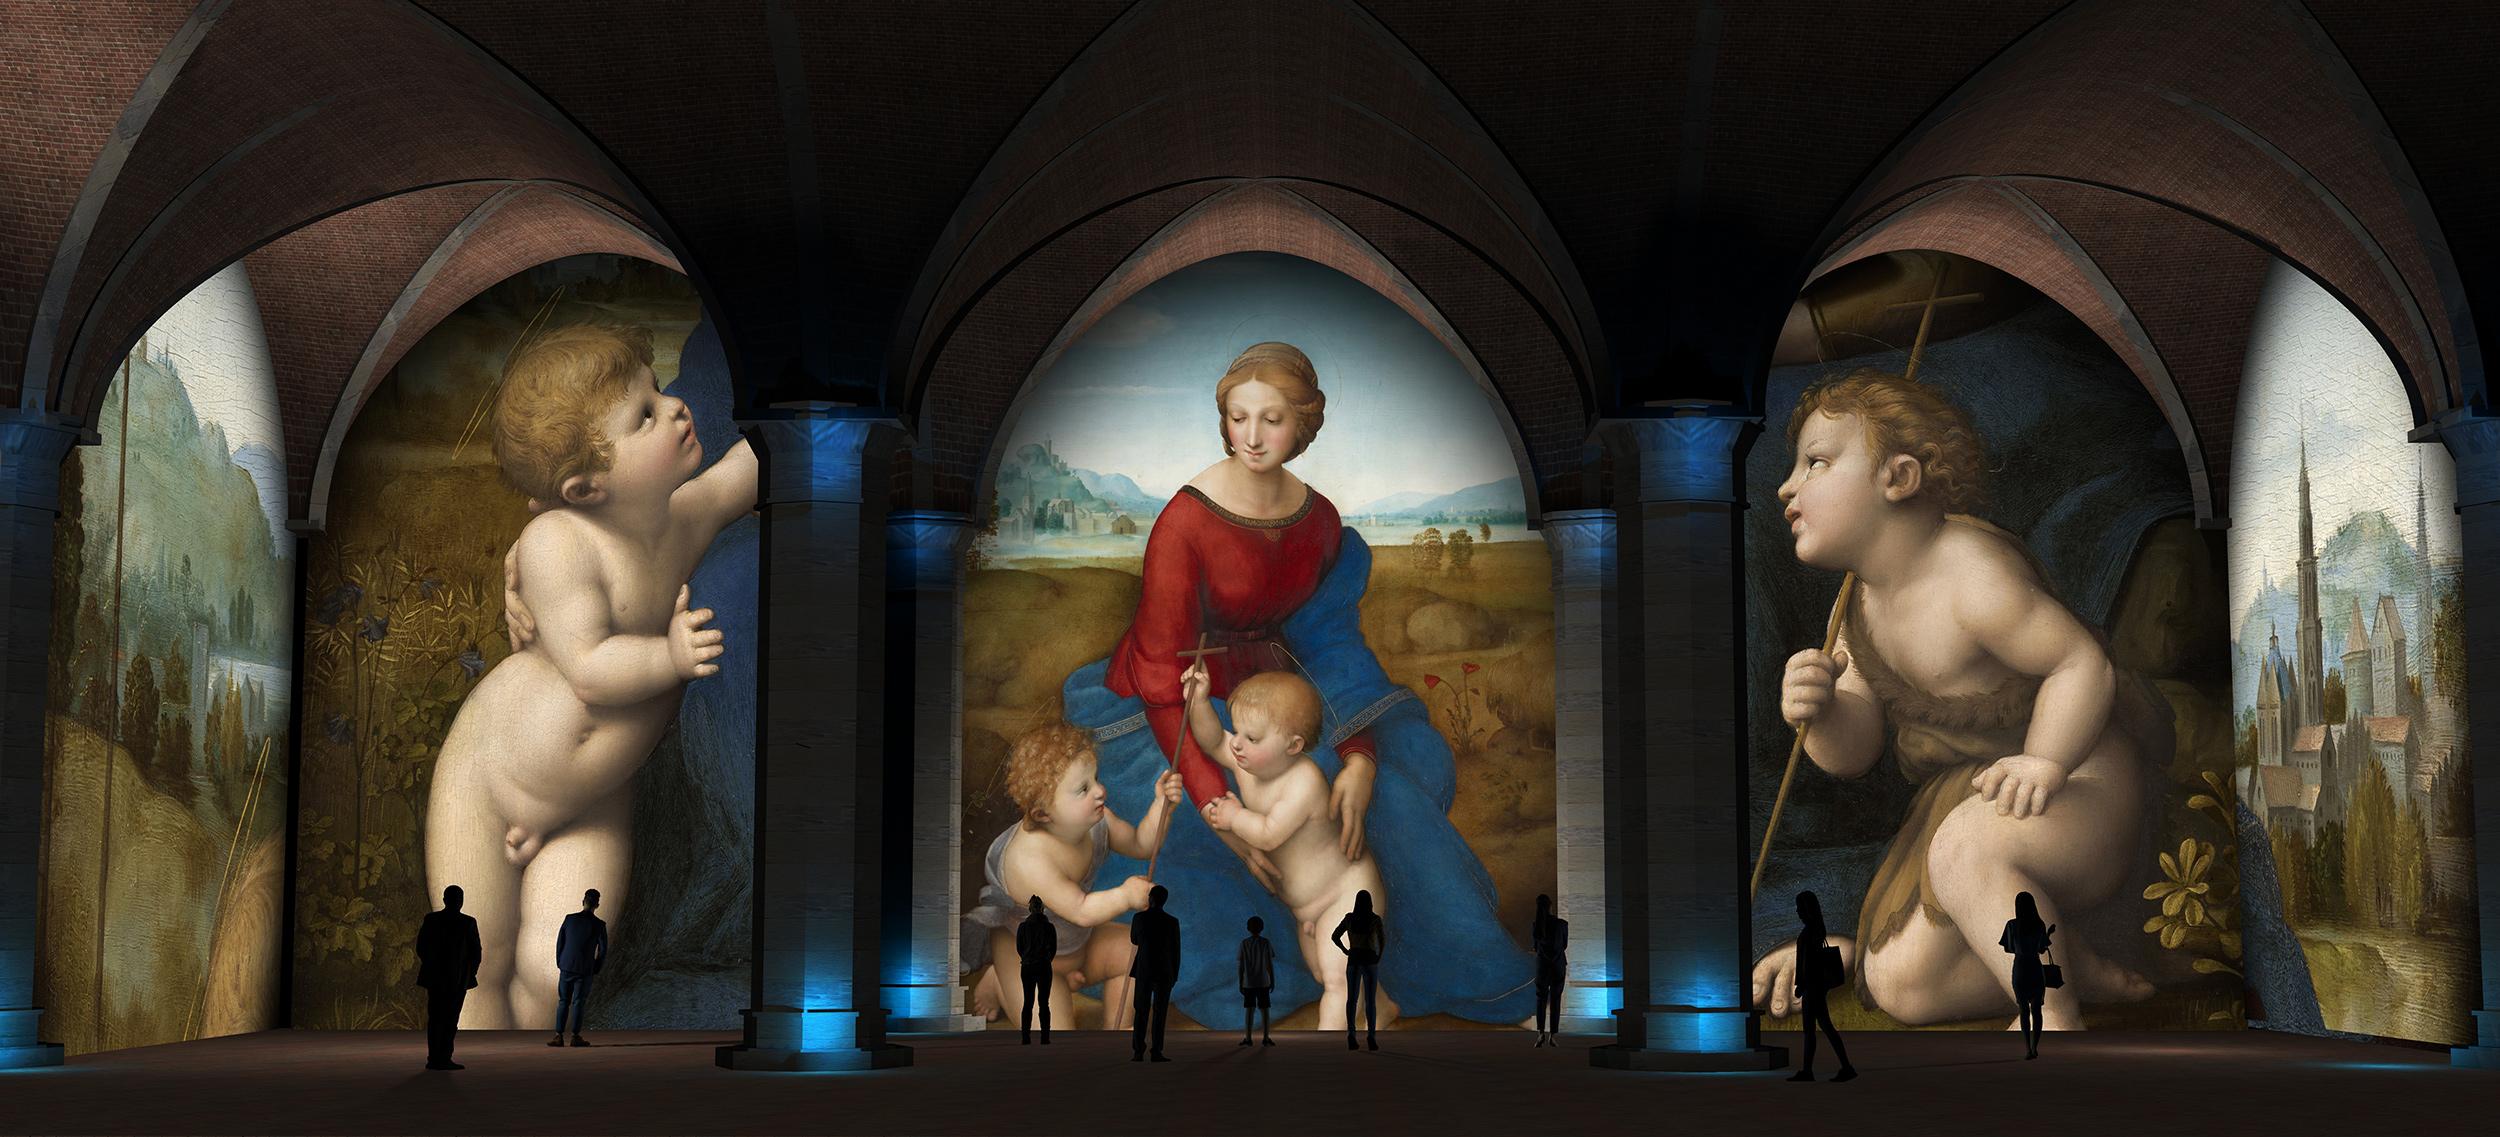 Quel che Firenze diede a Raffaello: il racconto della mostra a Palazzo Vecchio